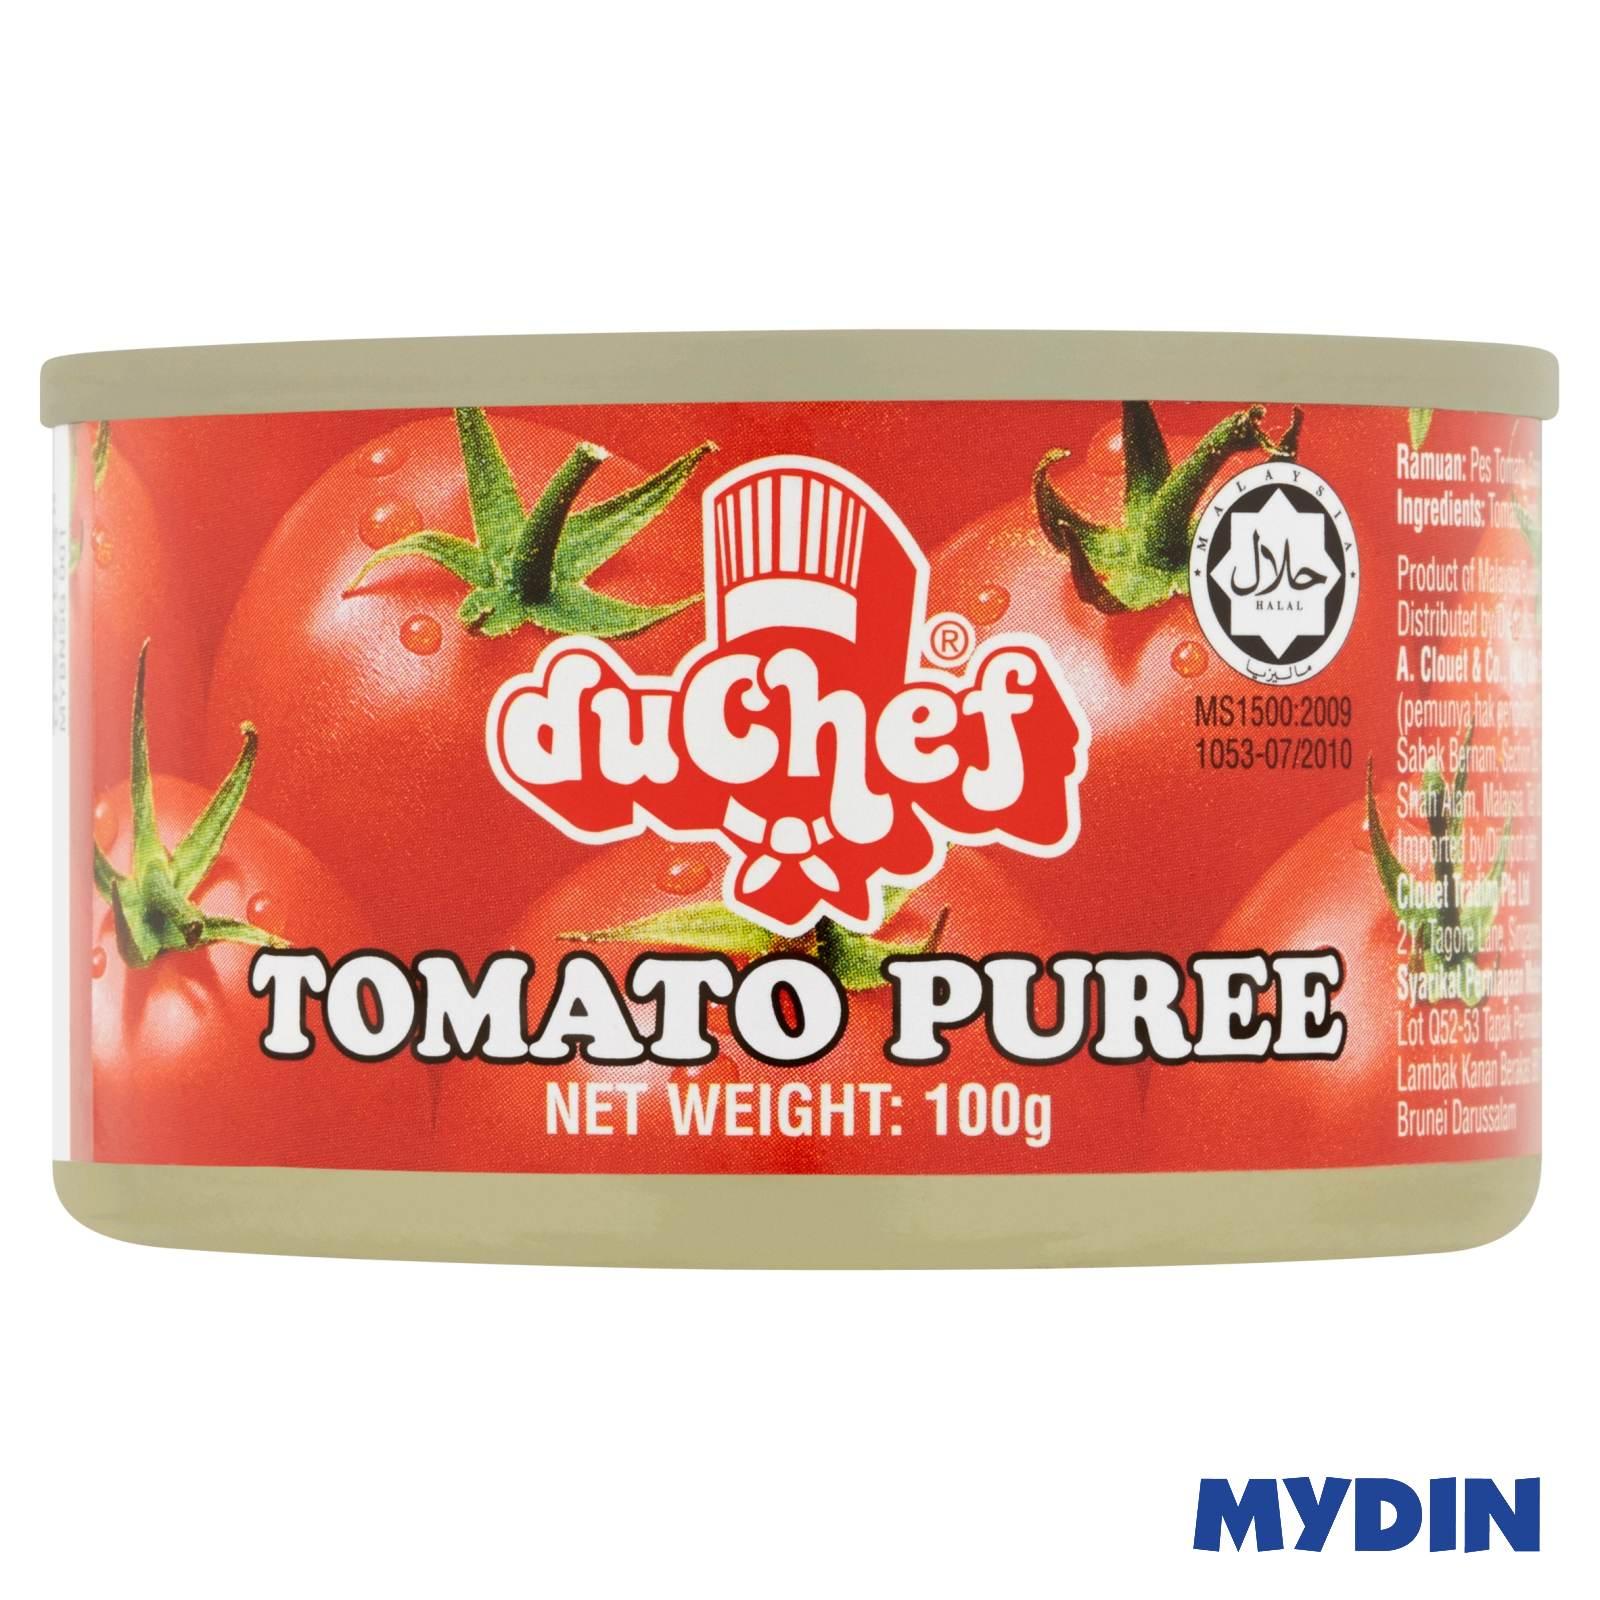 DuChef Tomato Puree 100g